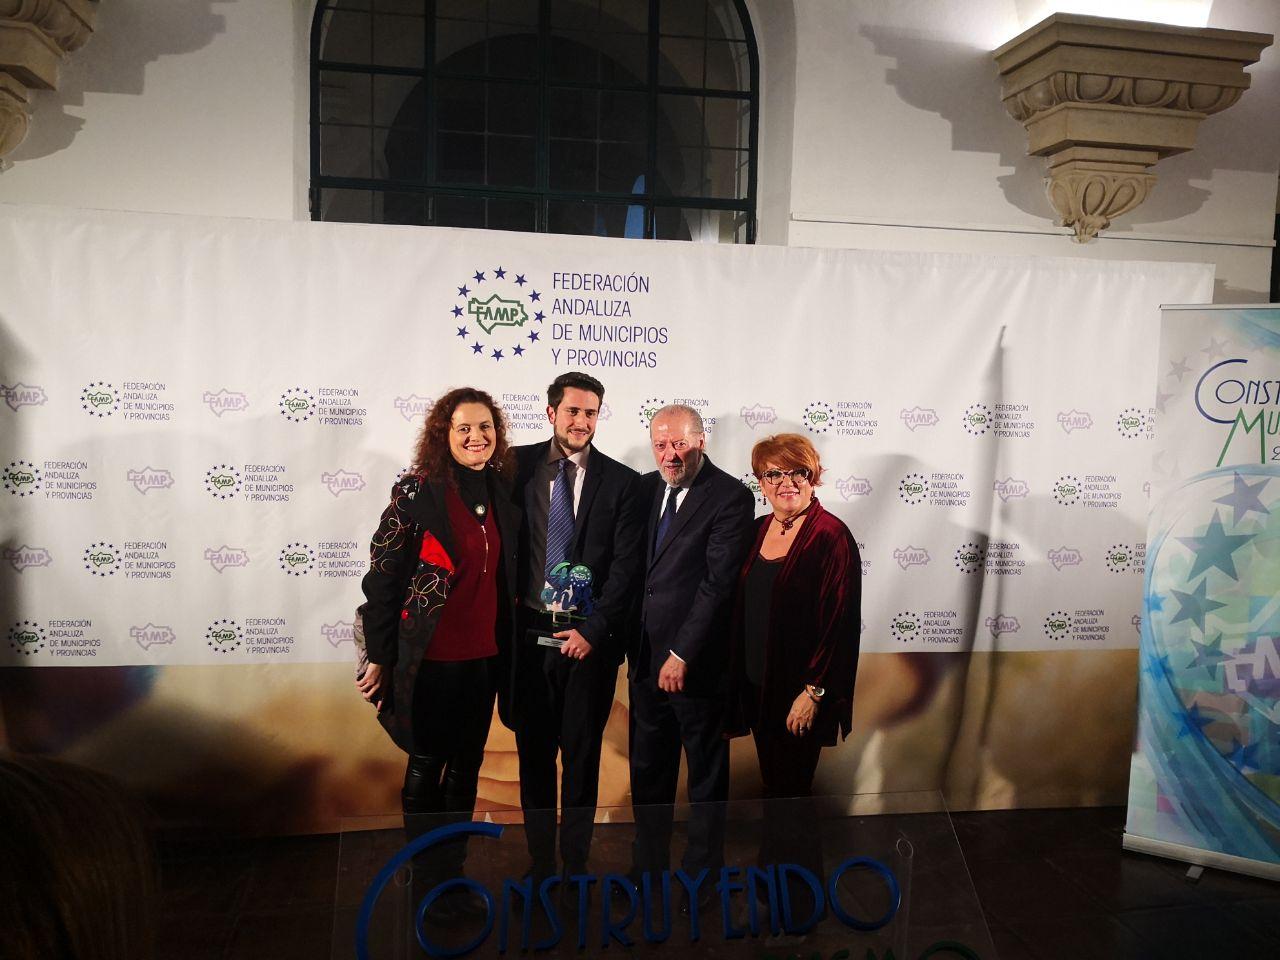 La FAMP reconoce el trabajo del ILF con motivo de los 40 años de Ayuntamientos democráticos en Andalucía.